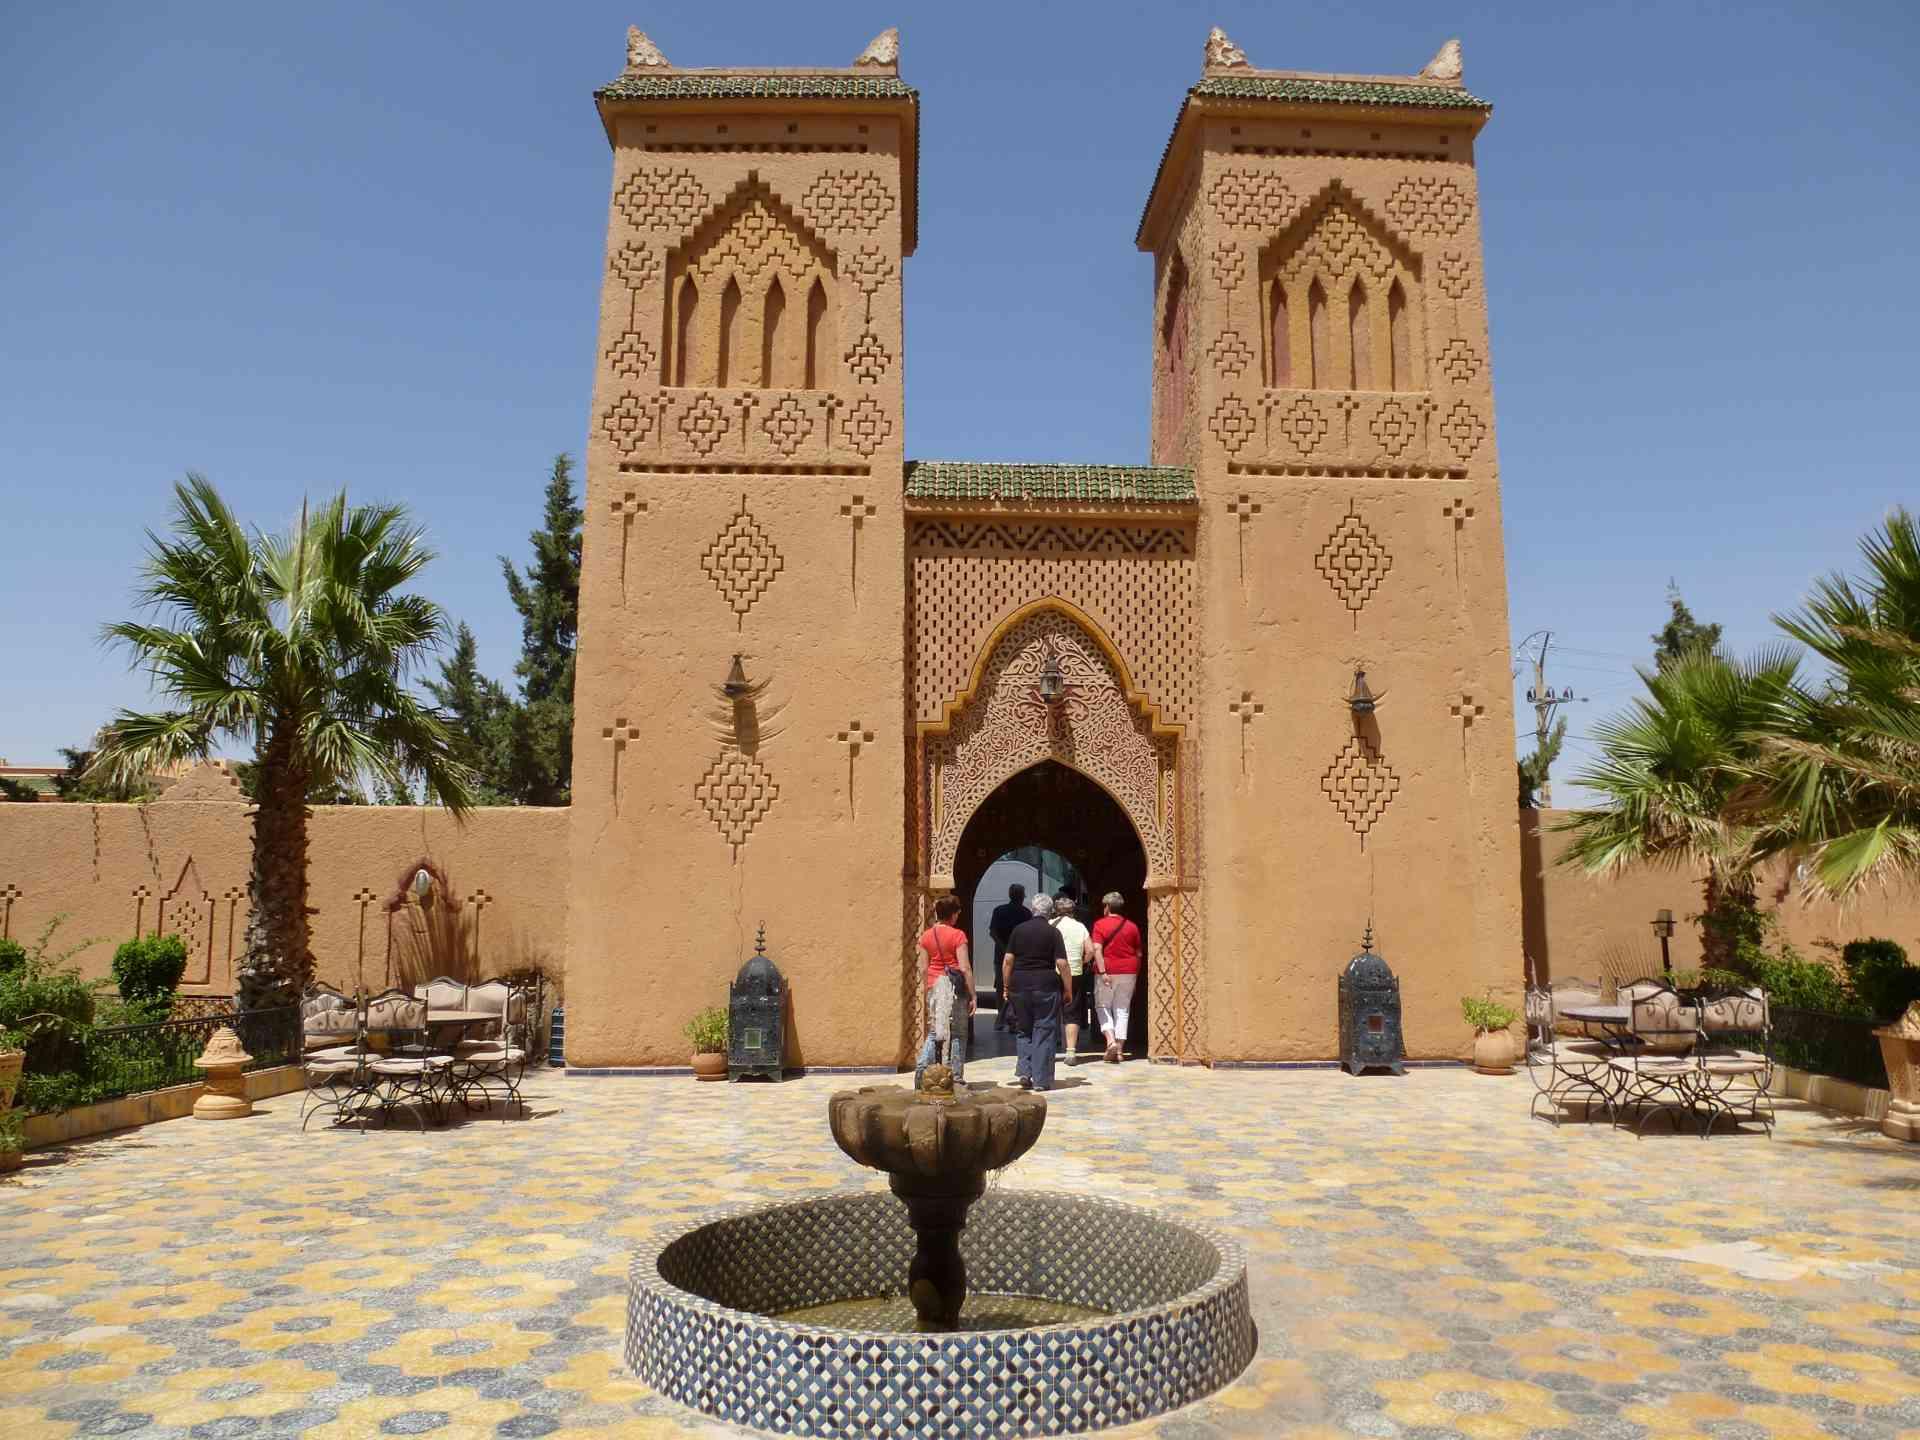 Merzouga, Morocco by Marion Bunnik